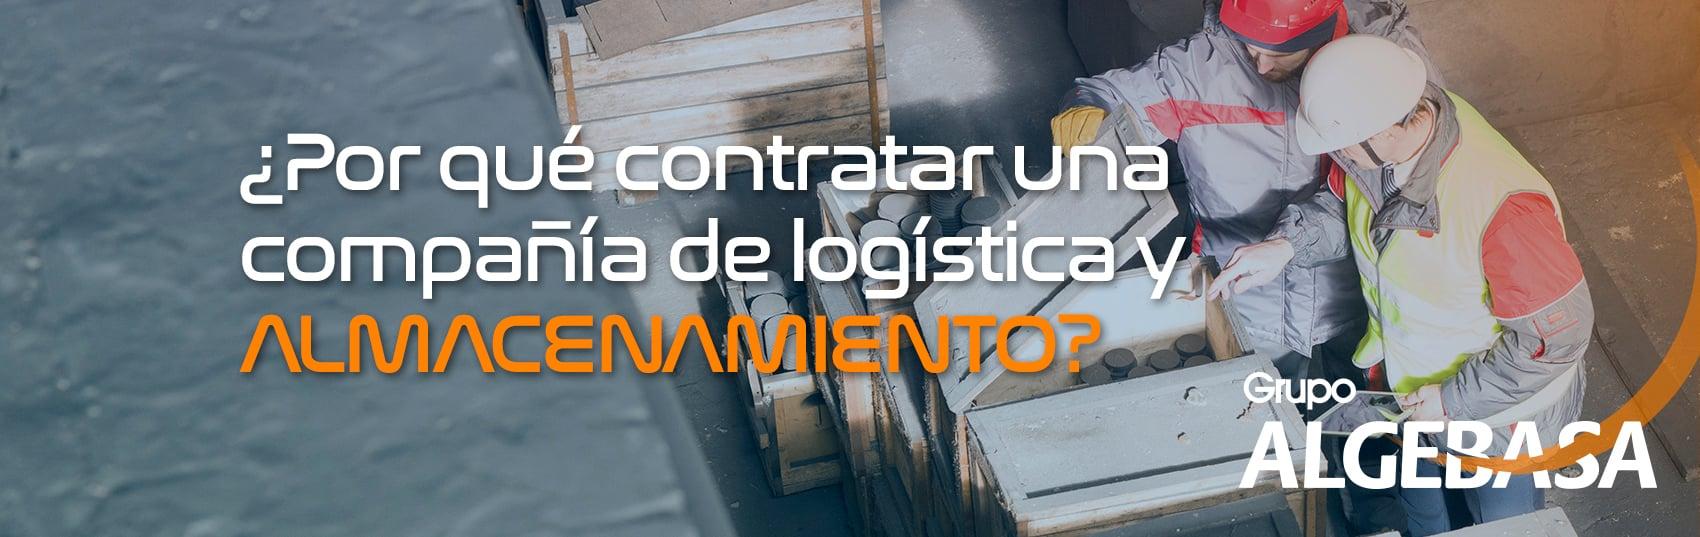 ¿Por qué contratar una compañía de logística y almacenamiento__banner